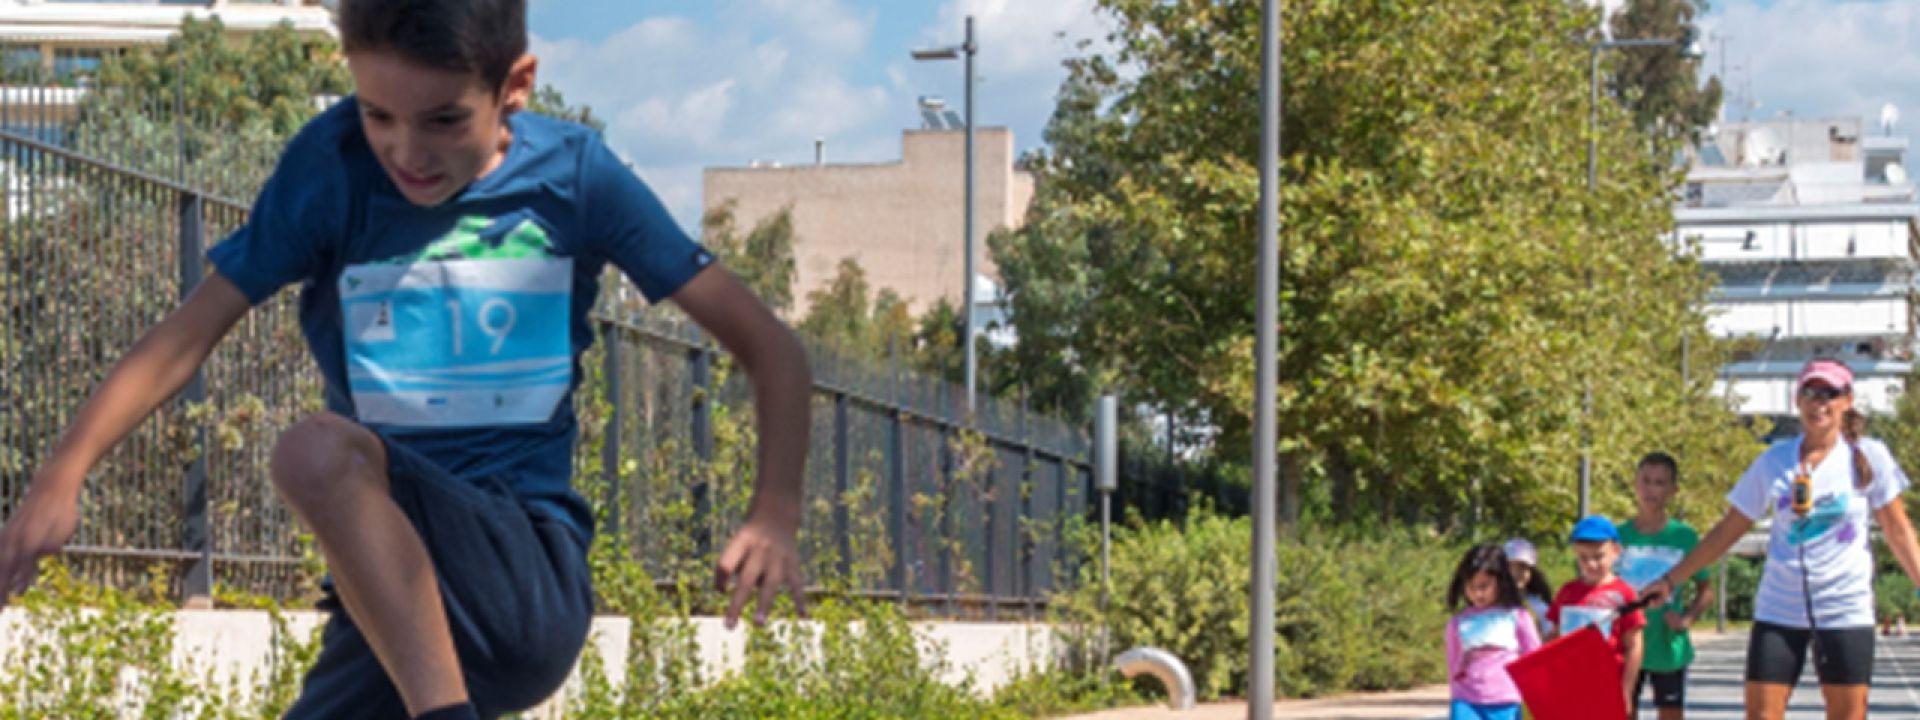 Φωτογραφία παιδιού που χοροπηδάει